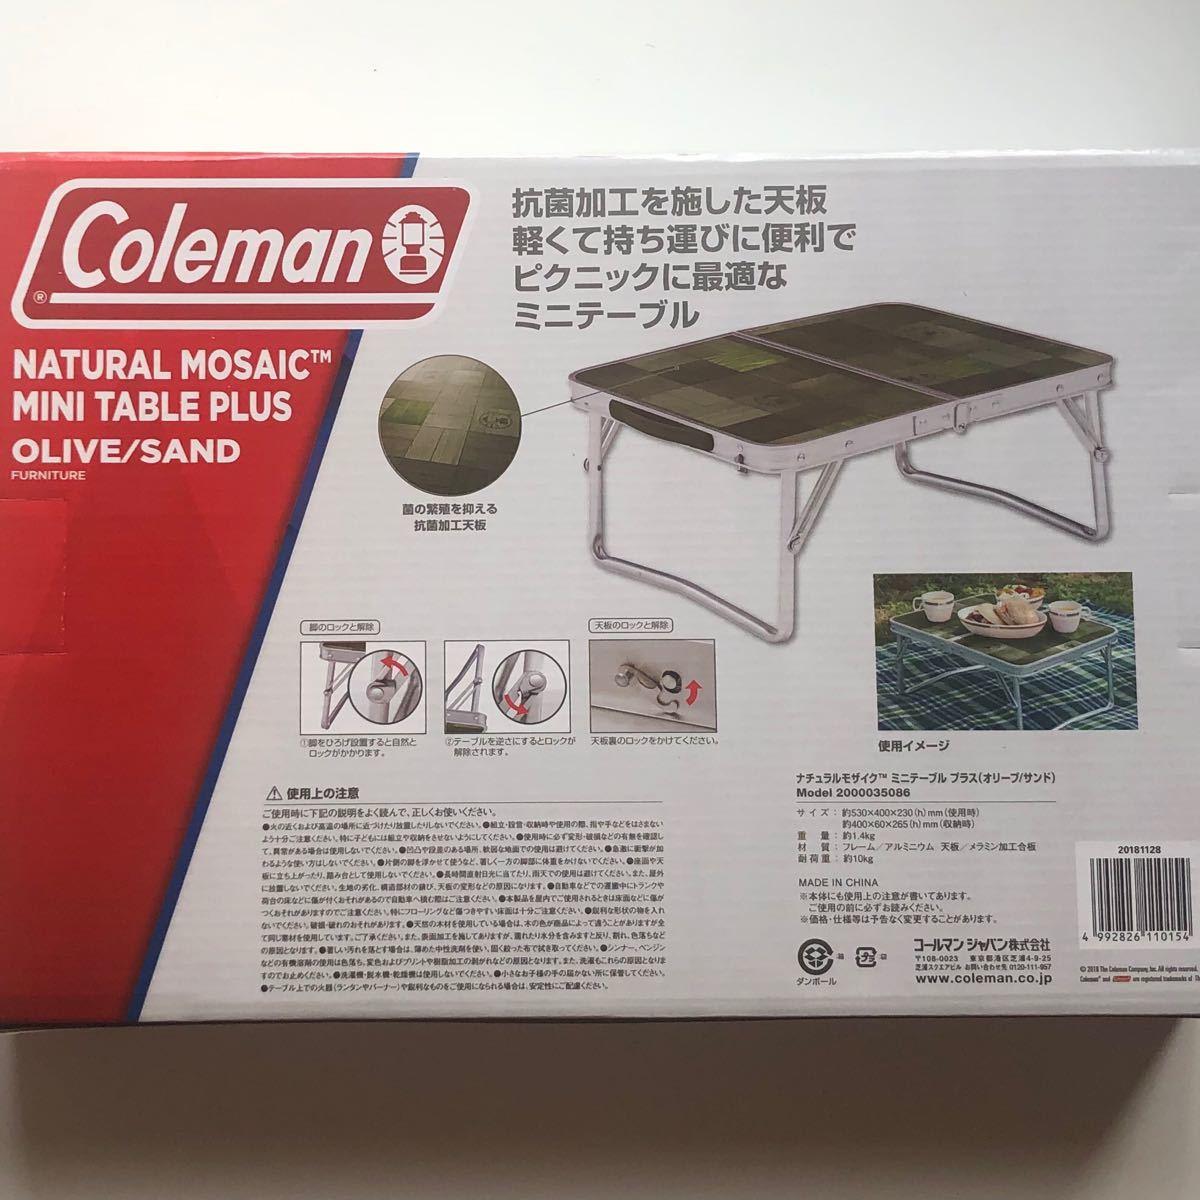 コールマン ナチュラルモザイク ミニテーブル プラス オリーブサンド